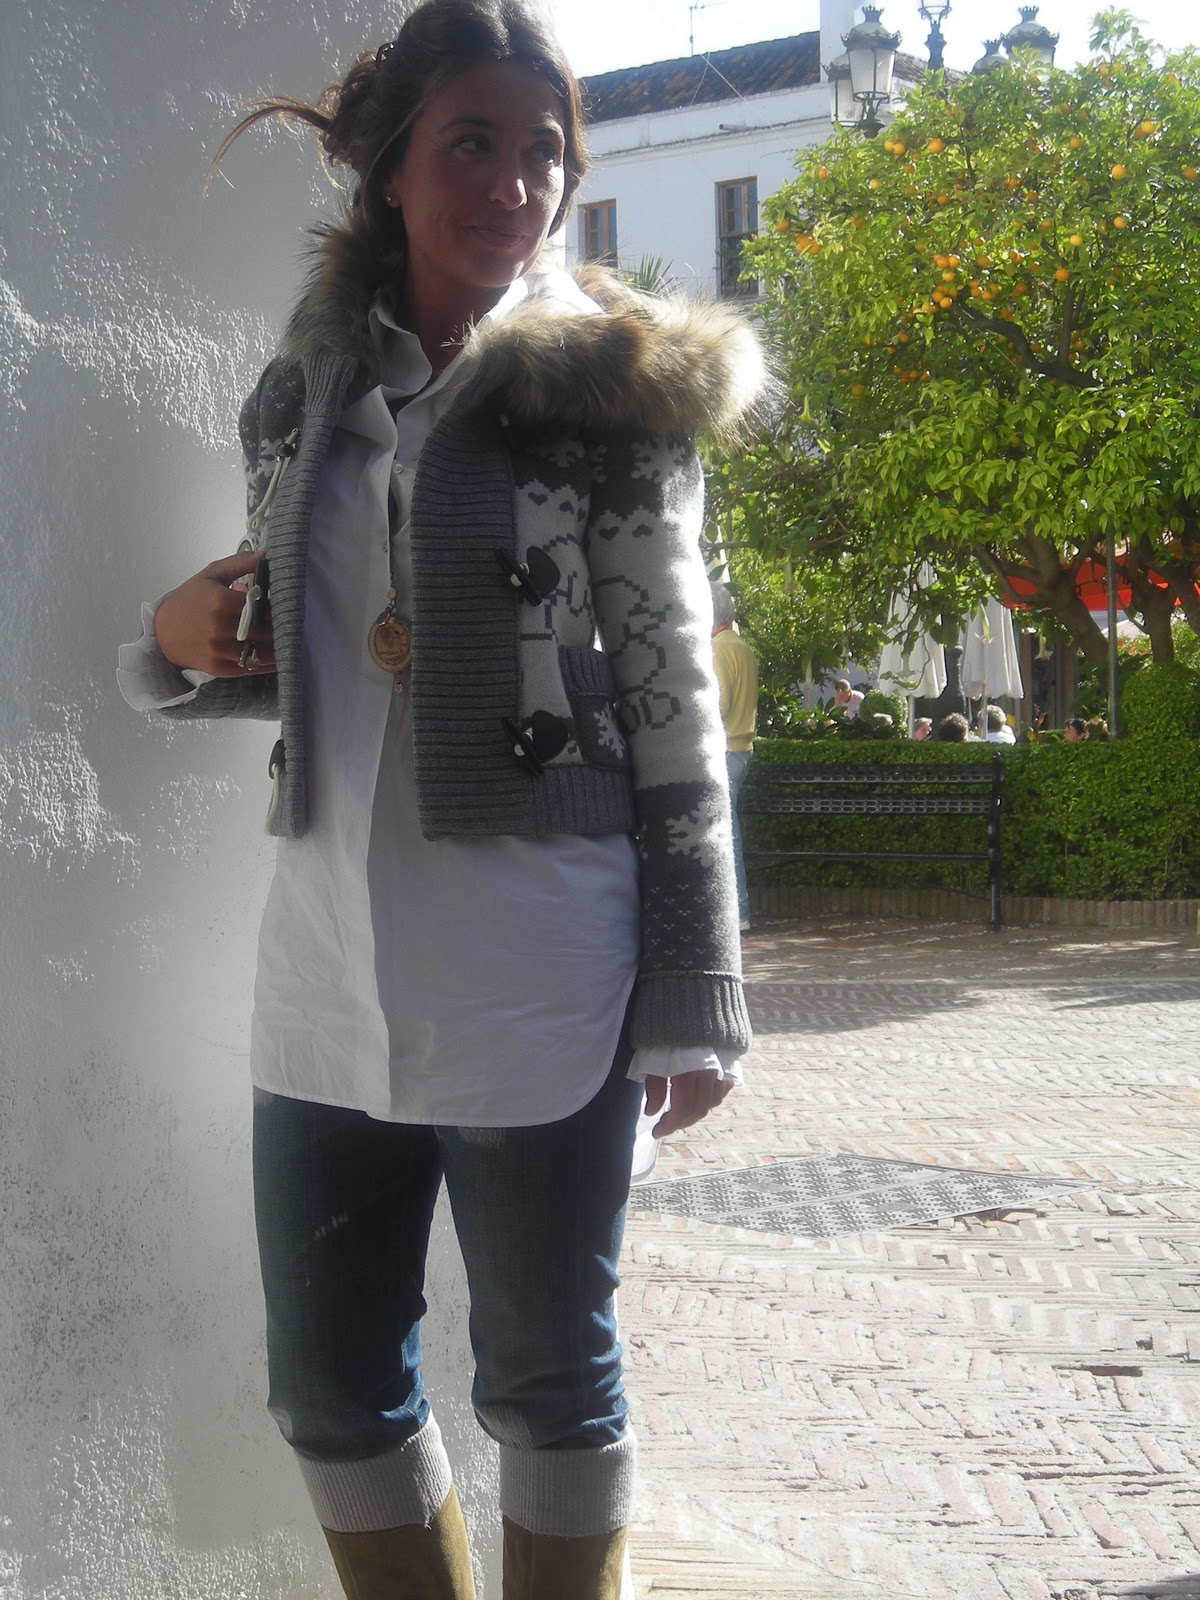 http://3.bp.blogspot.com/_kO193_PbHEE/TOLHLTZCG8I/AAAAAAAABu4/C-3G_KB7VIA/s1600/maria719.jpg